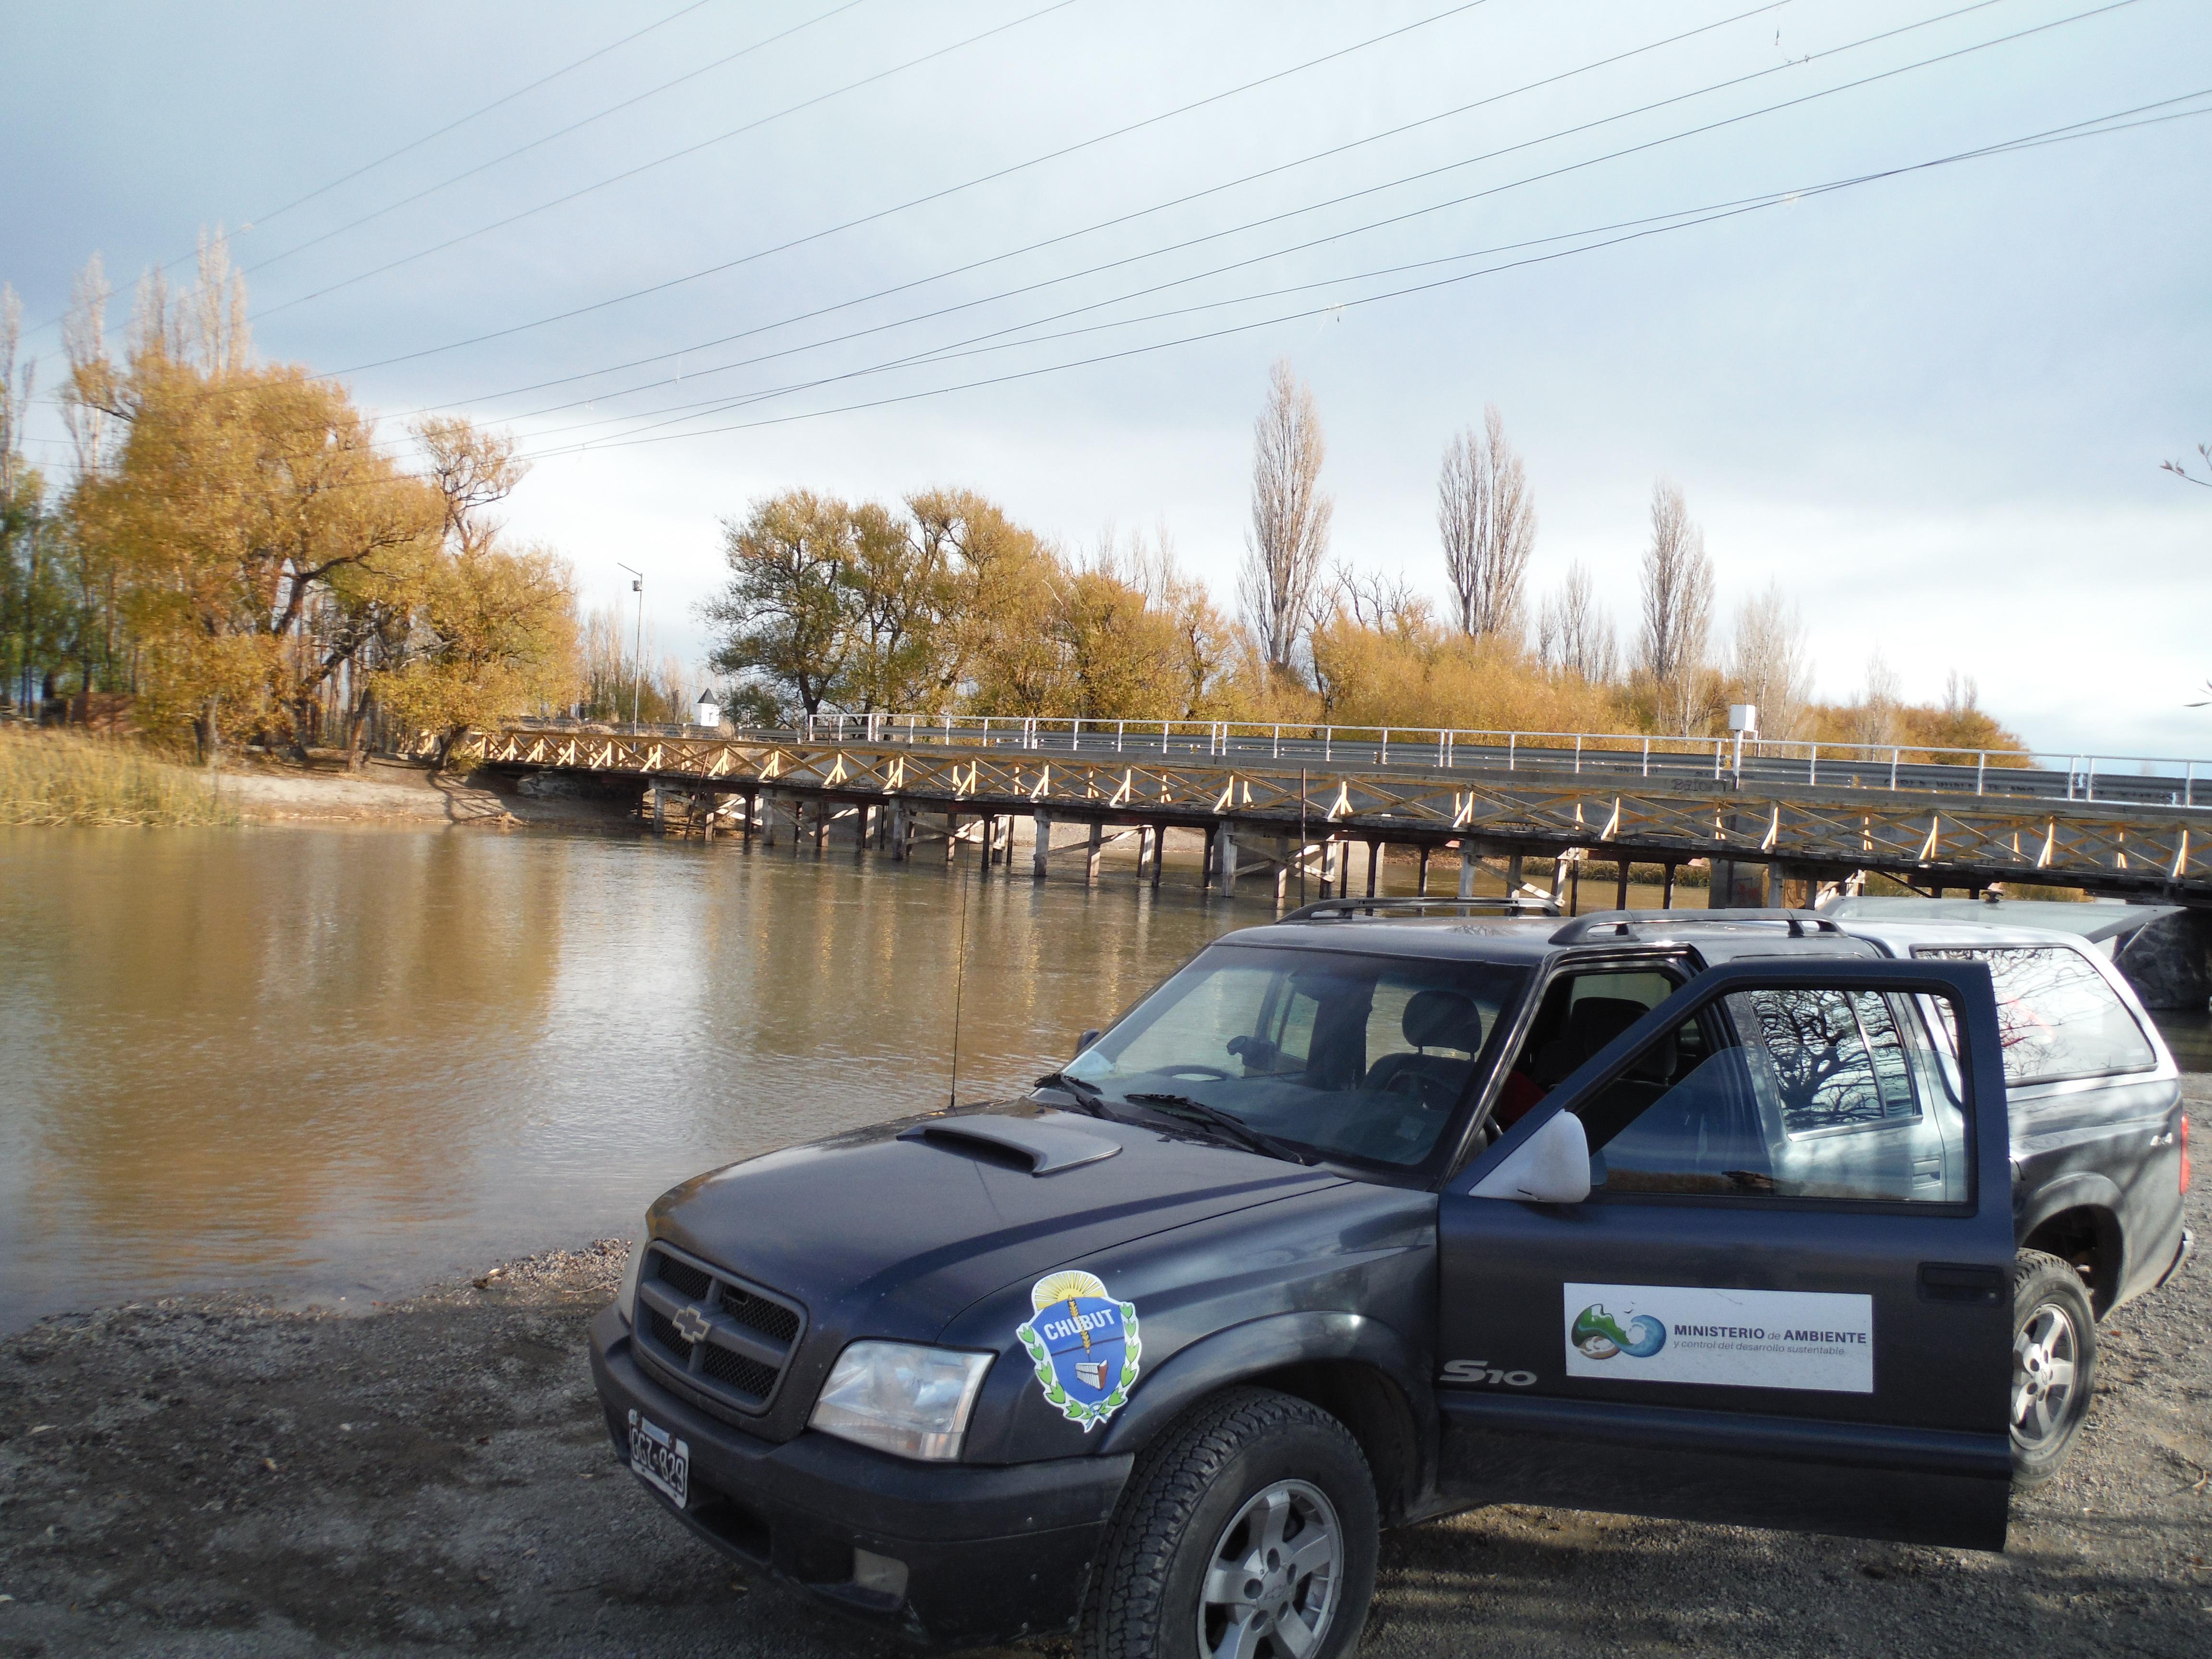 Ambiente inició el monitoreo de todas las cuencas cordilleranas para determinar la situación actual de presencia o ausencia del alga didymo